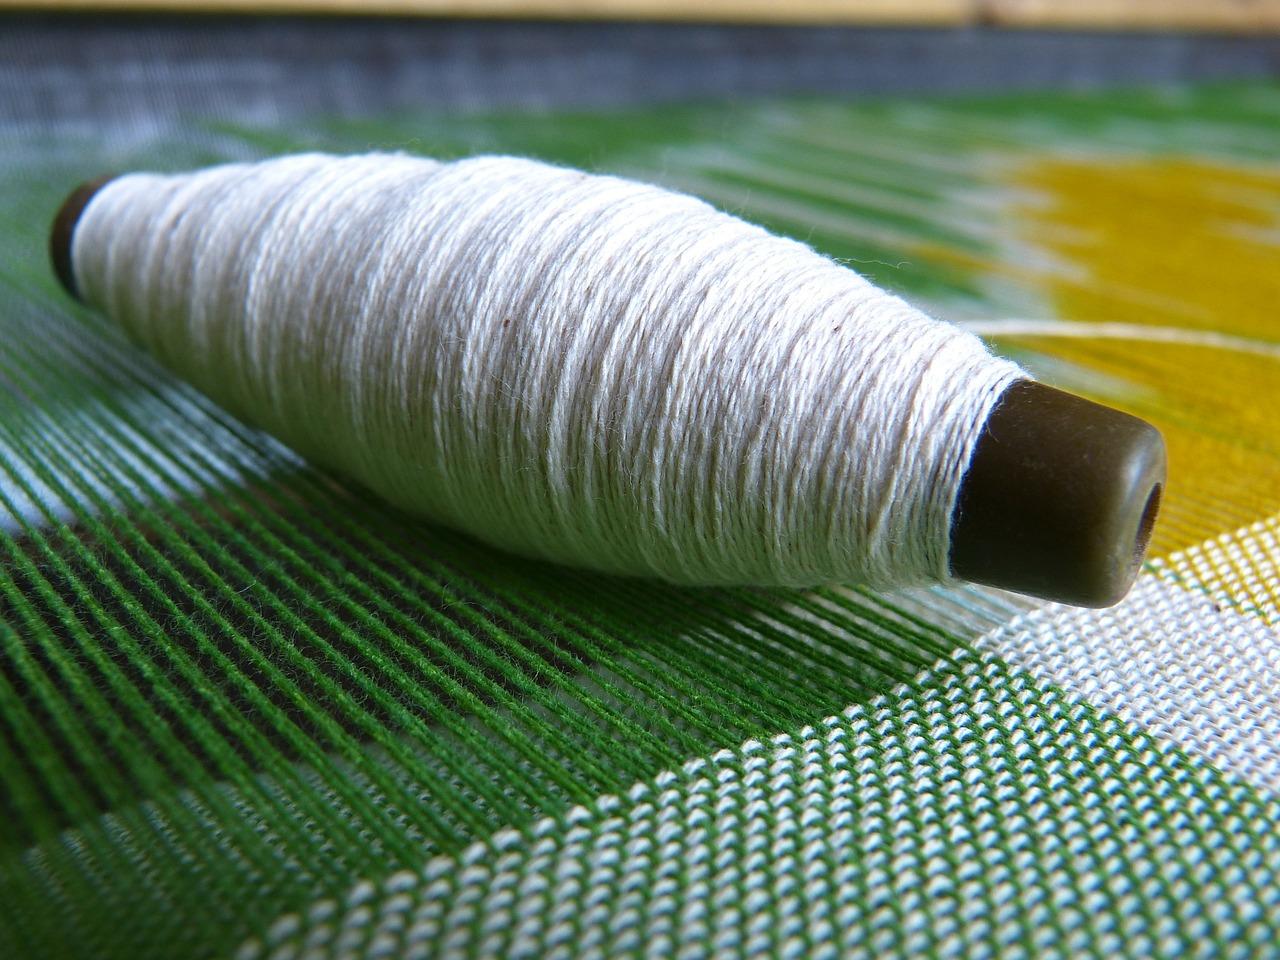 短繊維と長繊維について解説!